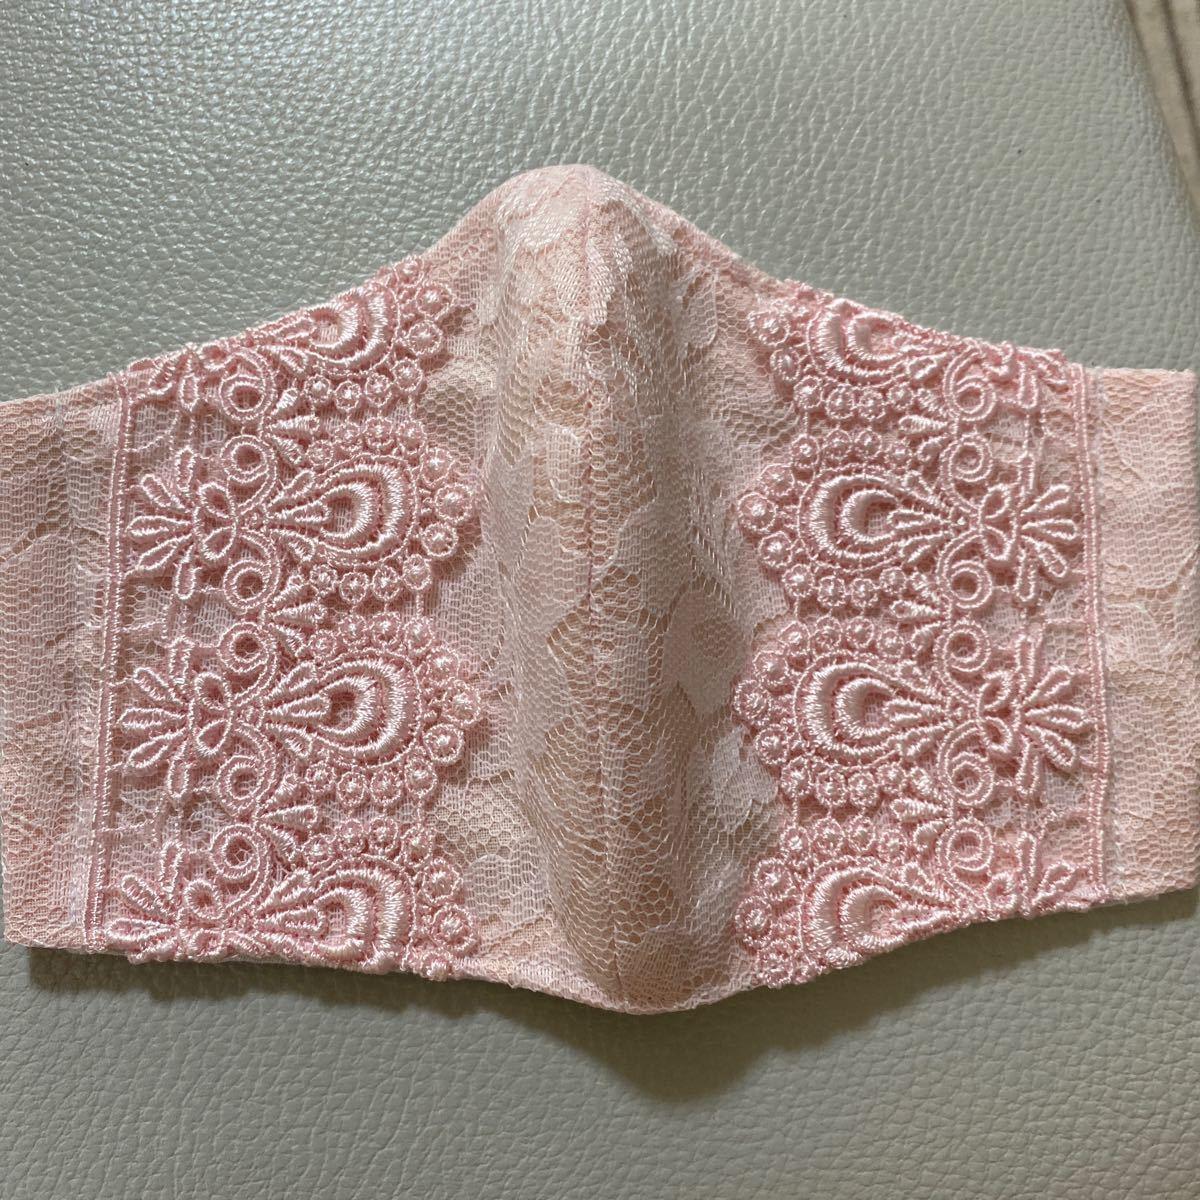 みっちゃんさん専用 不織布カバー ハンドメイド 2枚セット ブルー、ピンク